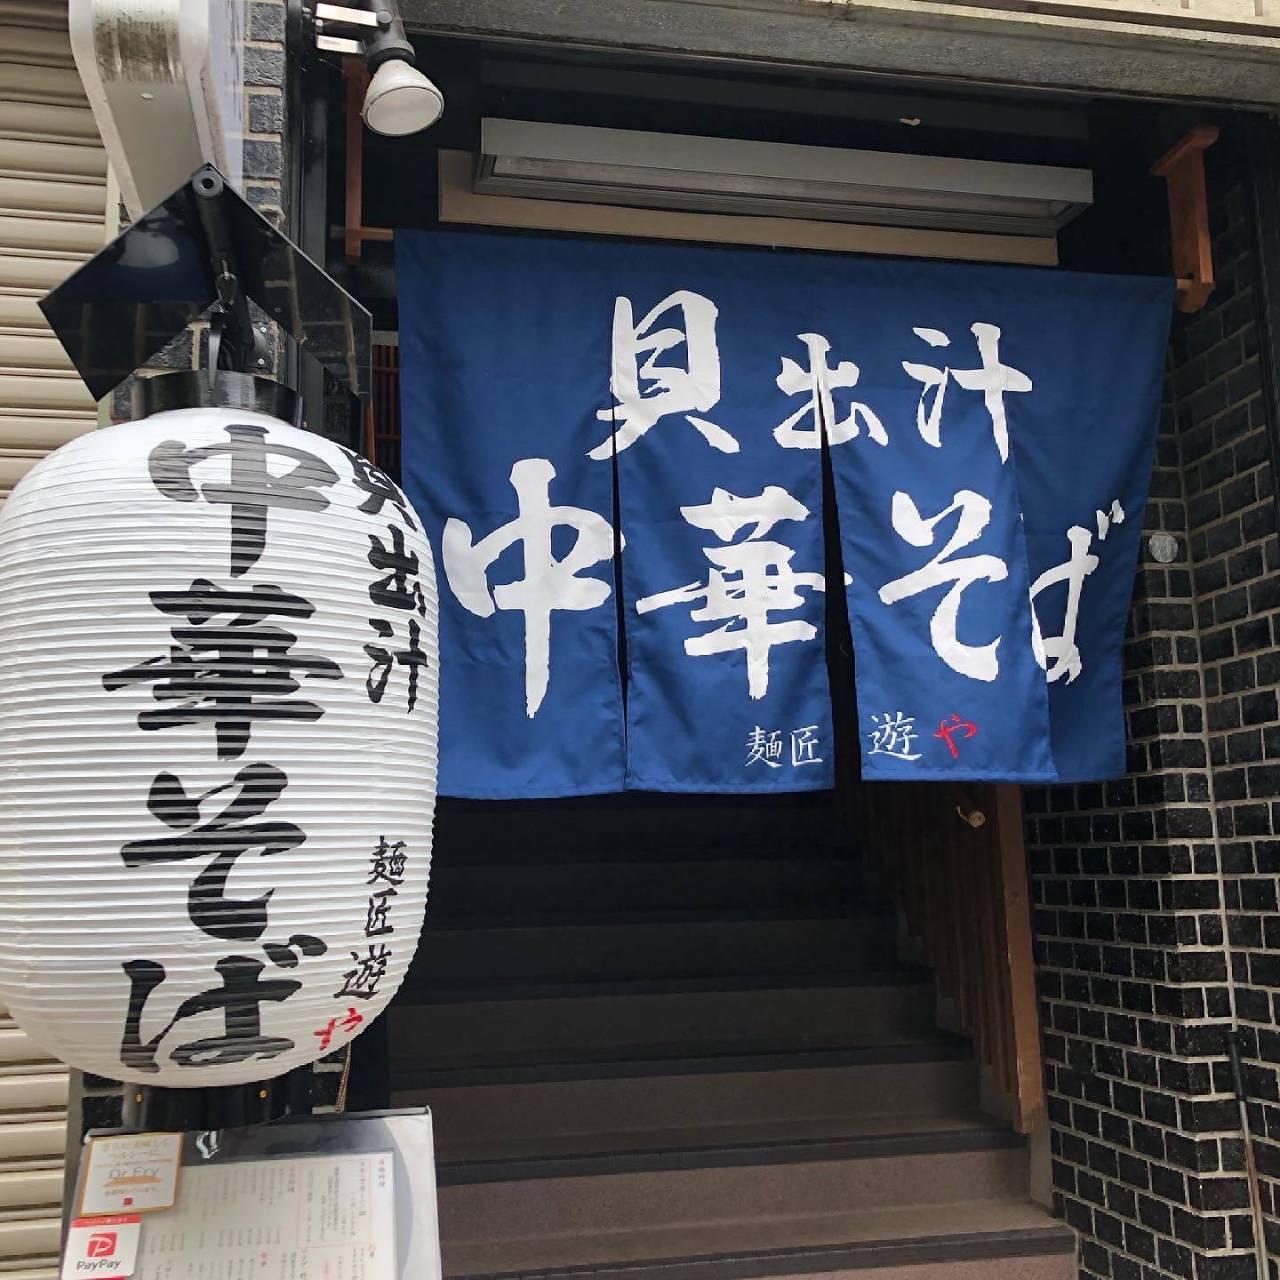 創作串揚げと鮮魚 遊家 鷺沼駅前店